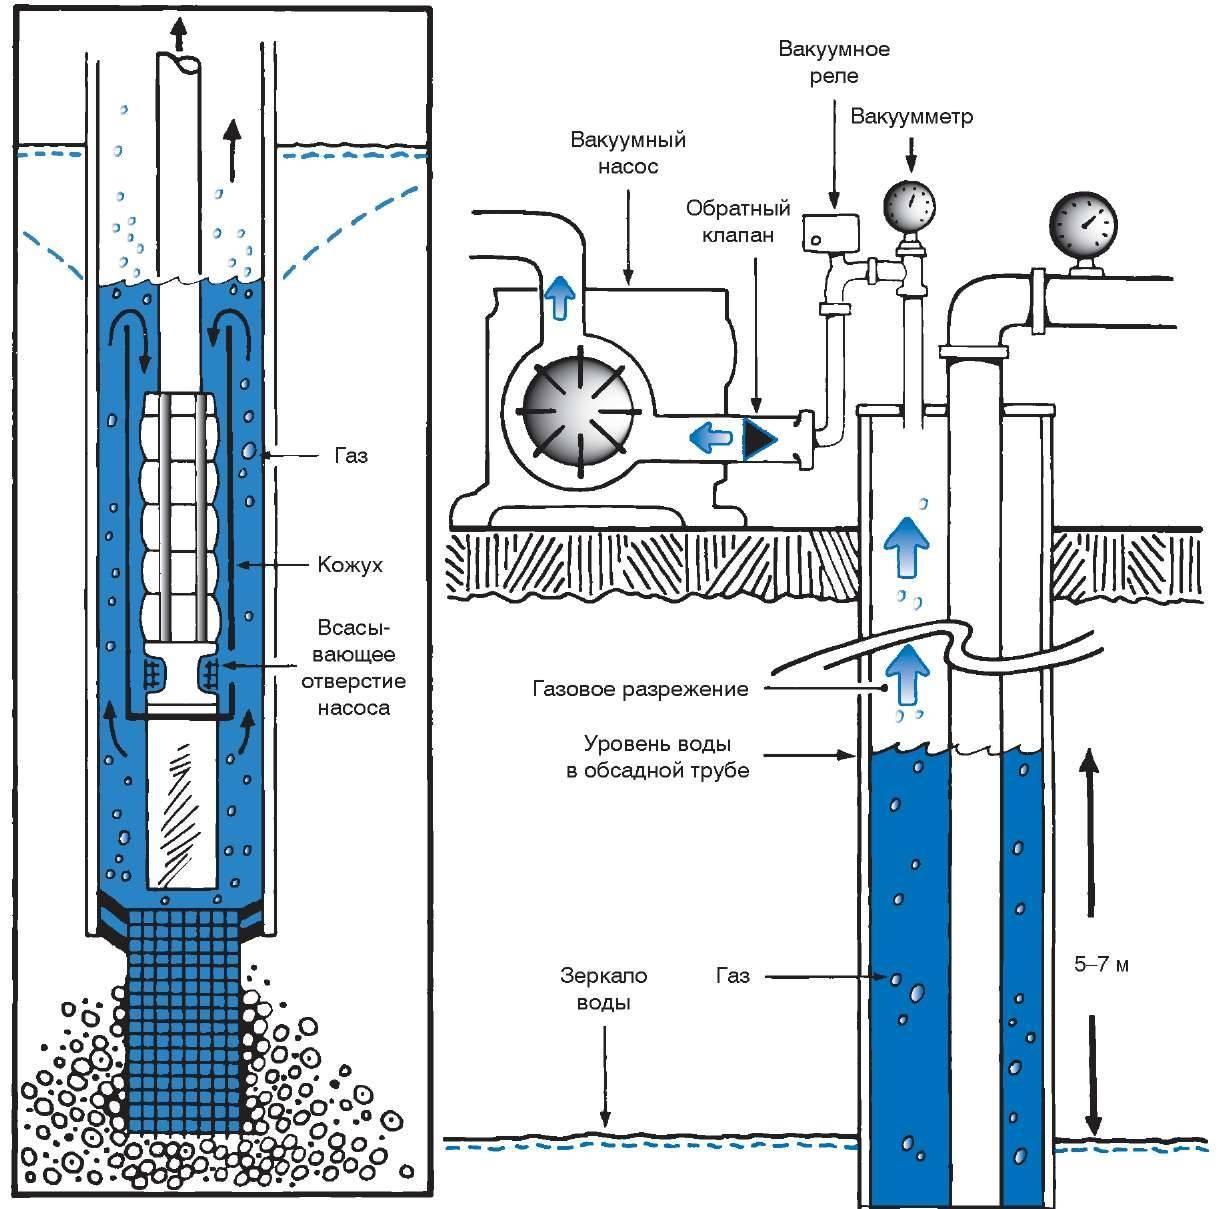 Обсадная труба для скважины: что это такое, диаметр буровых вариантов, какая колонна лучше, размеры продуктов для пнд-скважин, установка своими руками